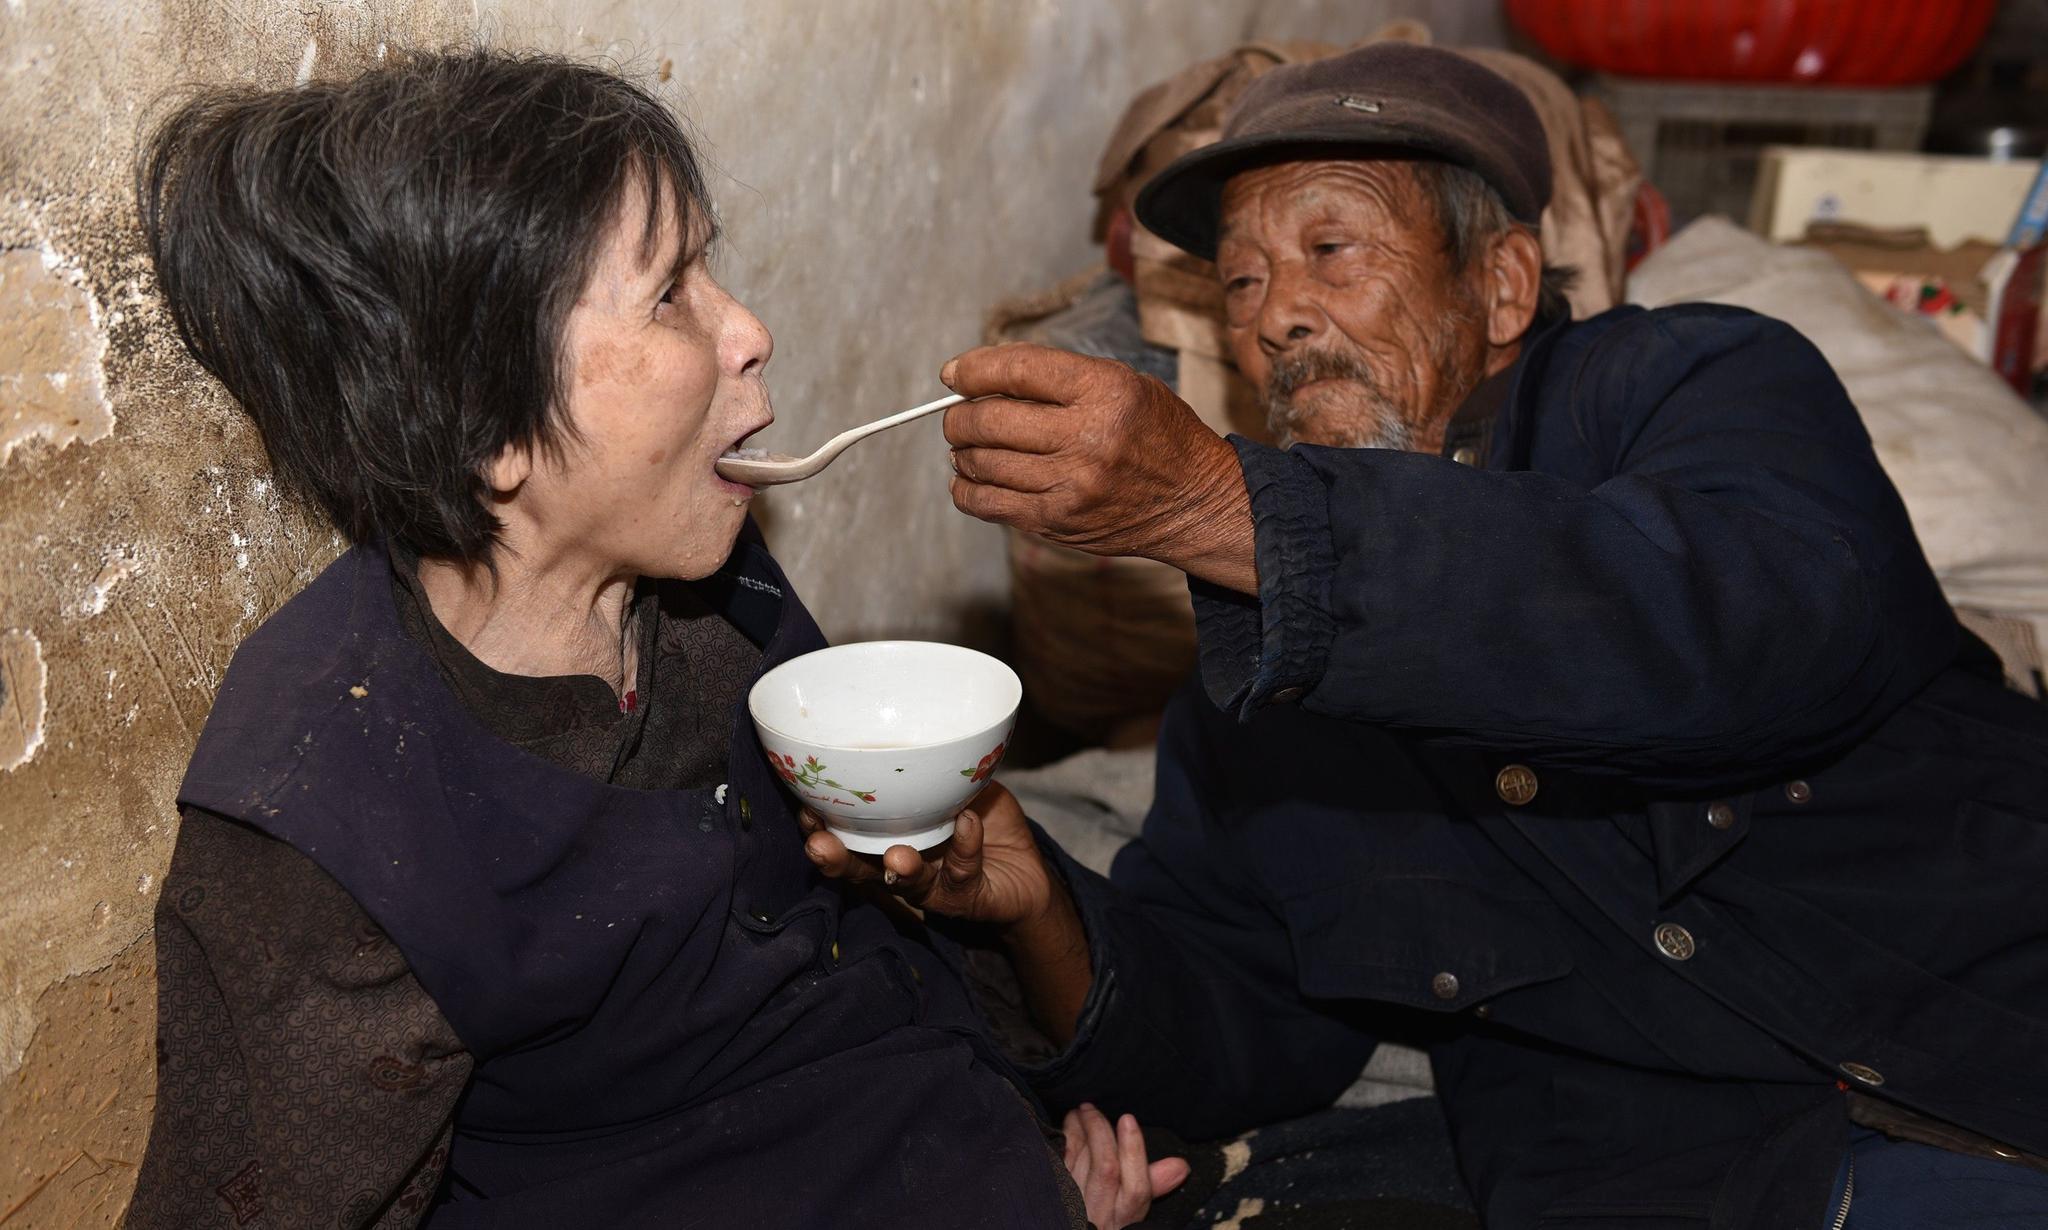 20元彩礼娶回瘫痪妻子,用汤匙喂养了46年